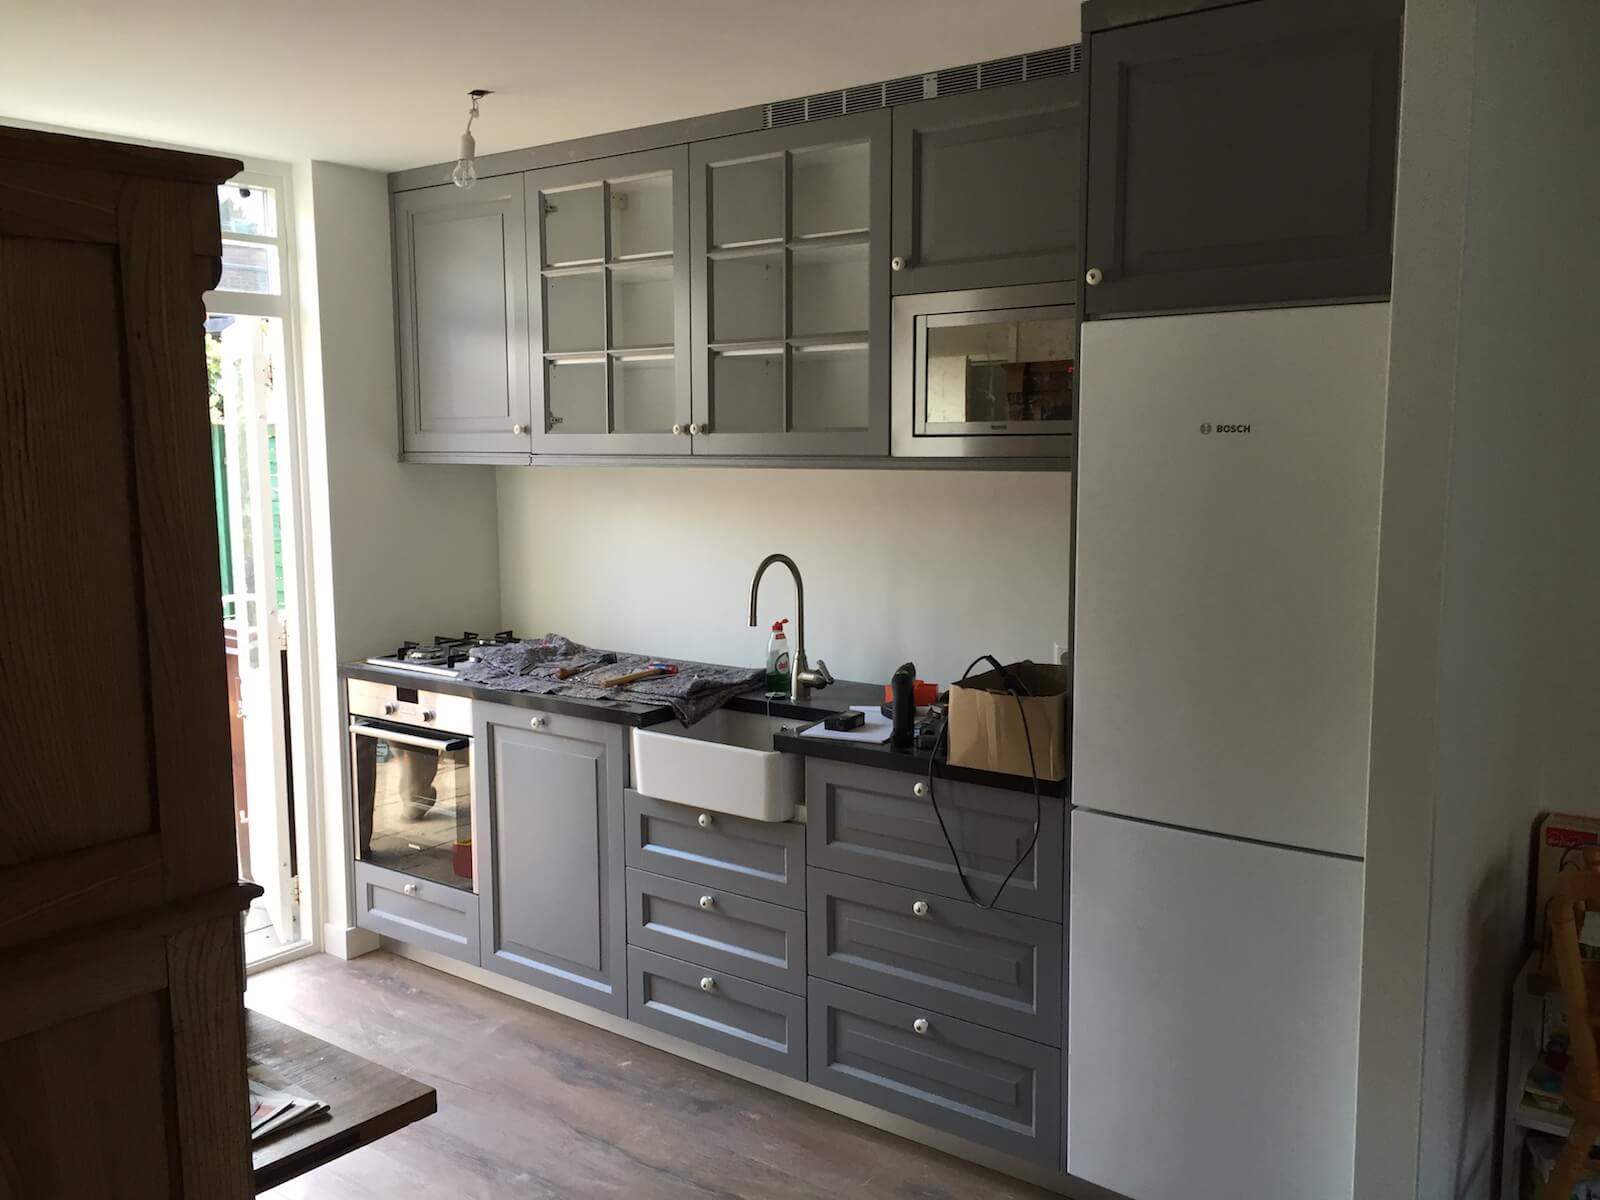 Keuken Laten Plaatsen : Keuken laten maken meubelmakerij p vroone